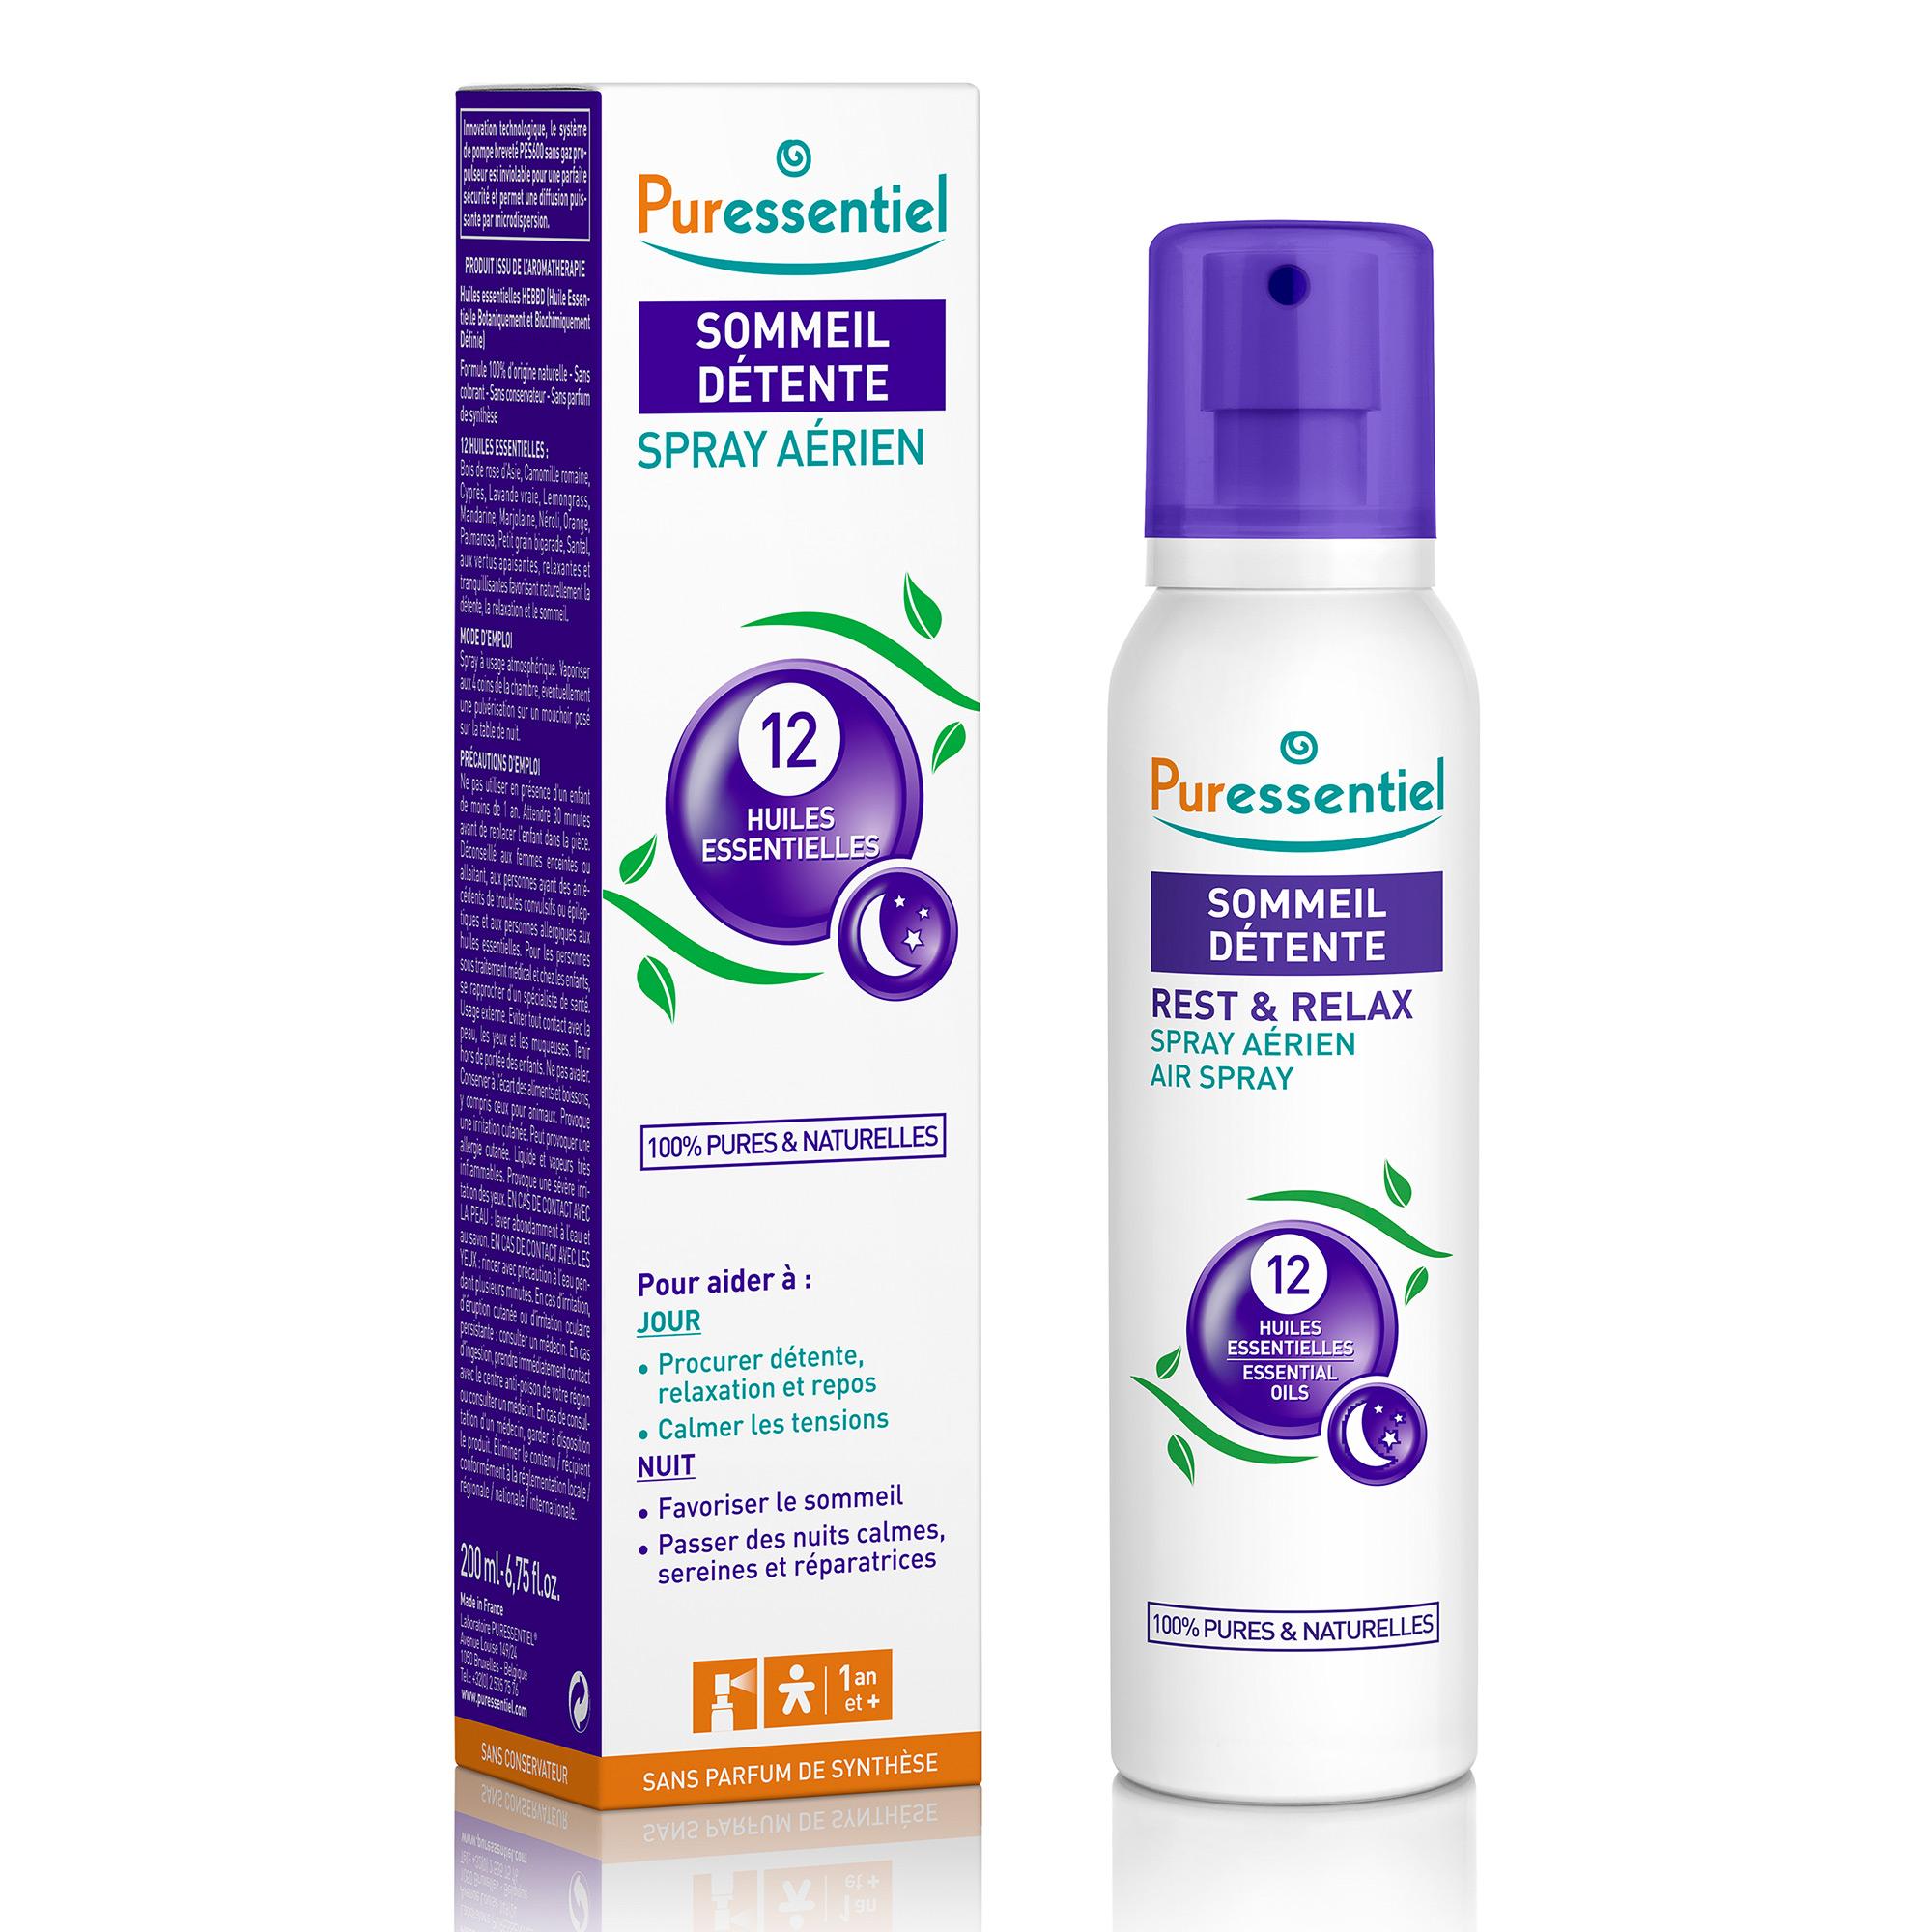 puressentiel spray aerien sommeil detente vaporisateur With chambre bébé design avec fleurs de bach huiles essentielles